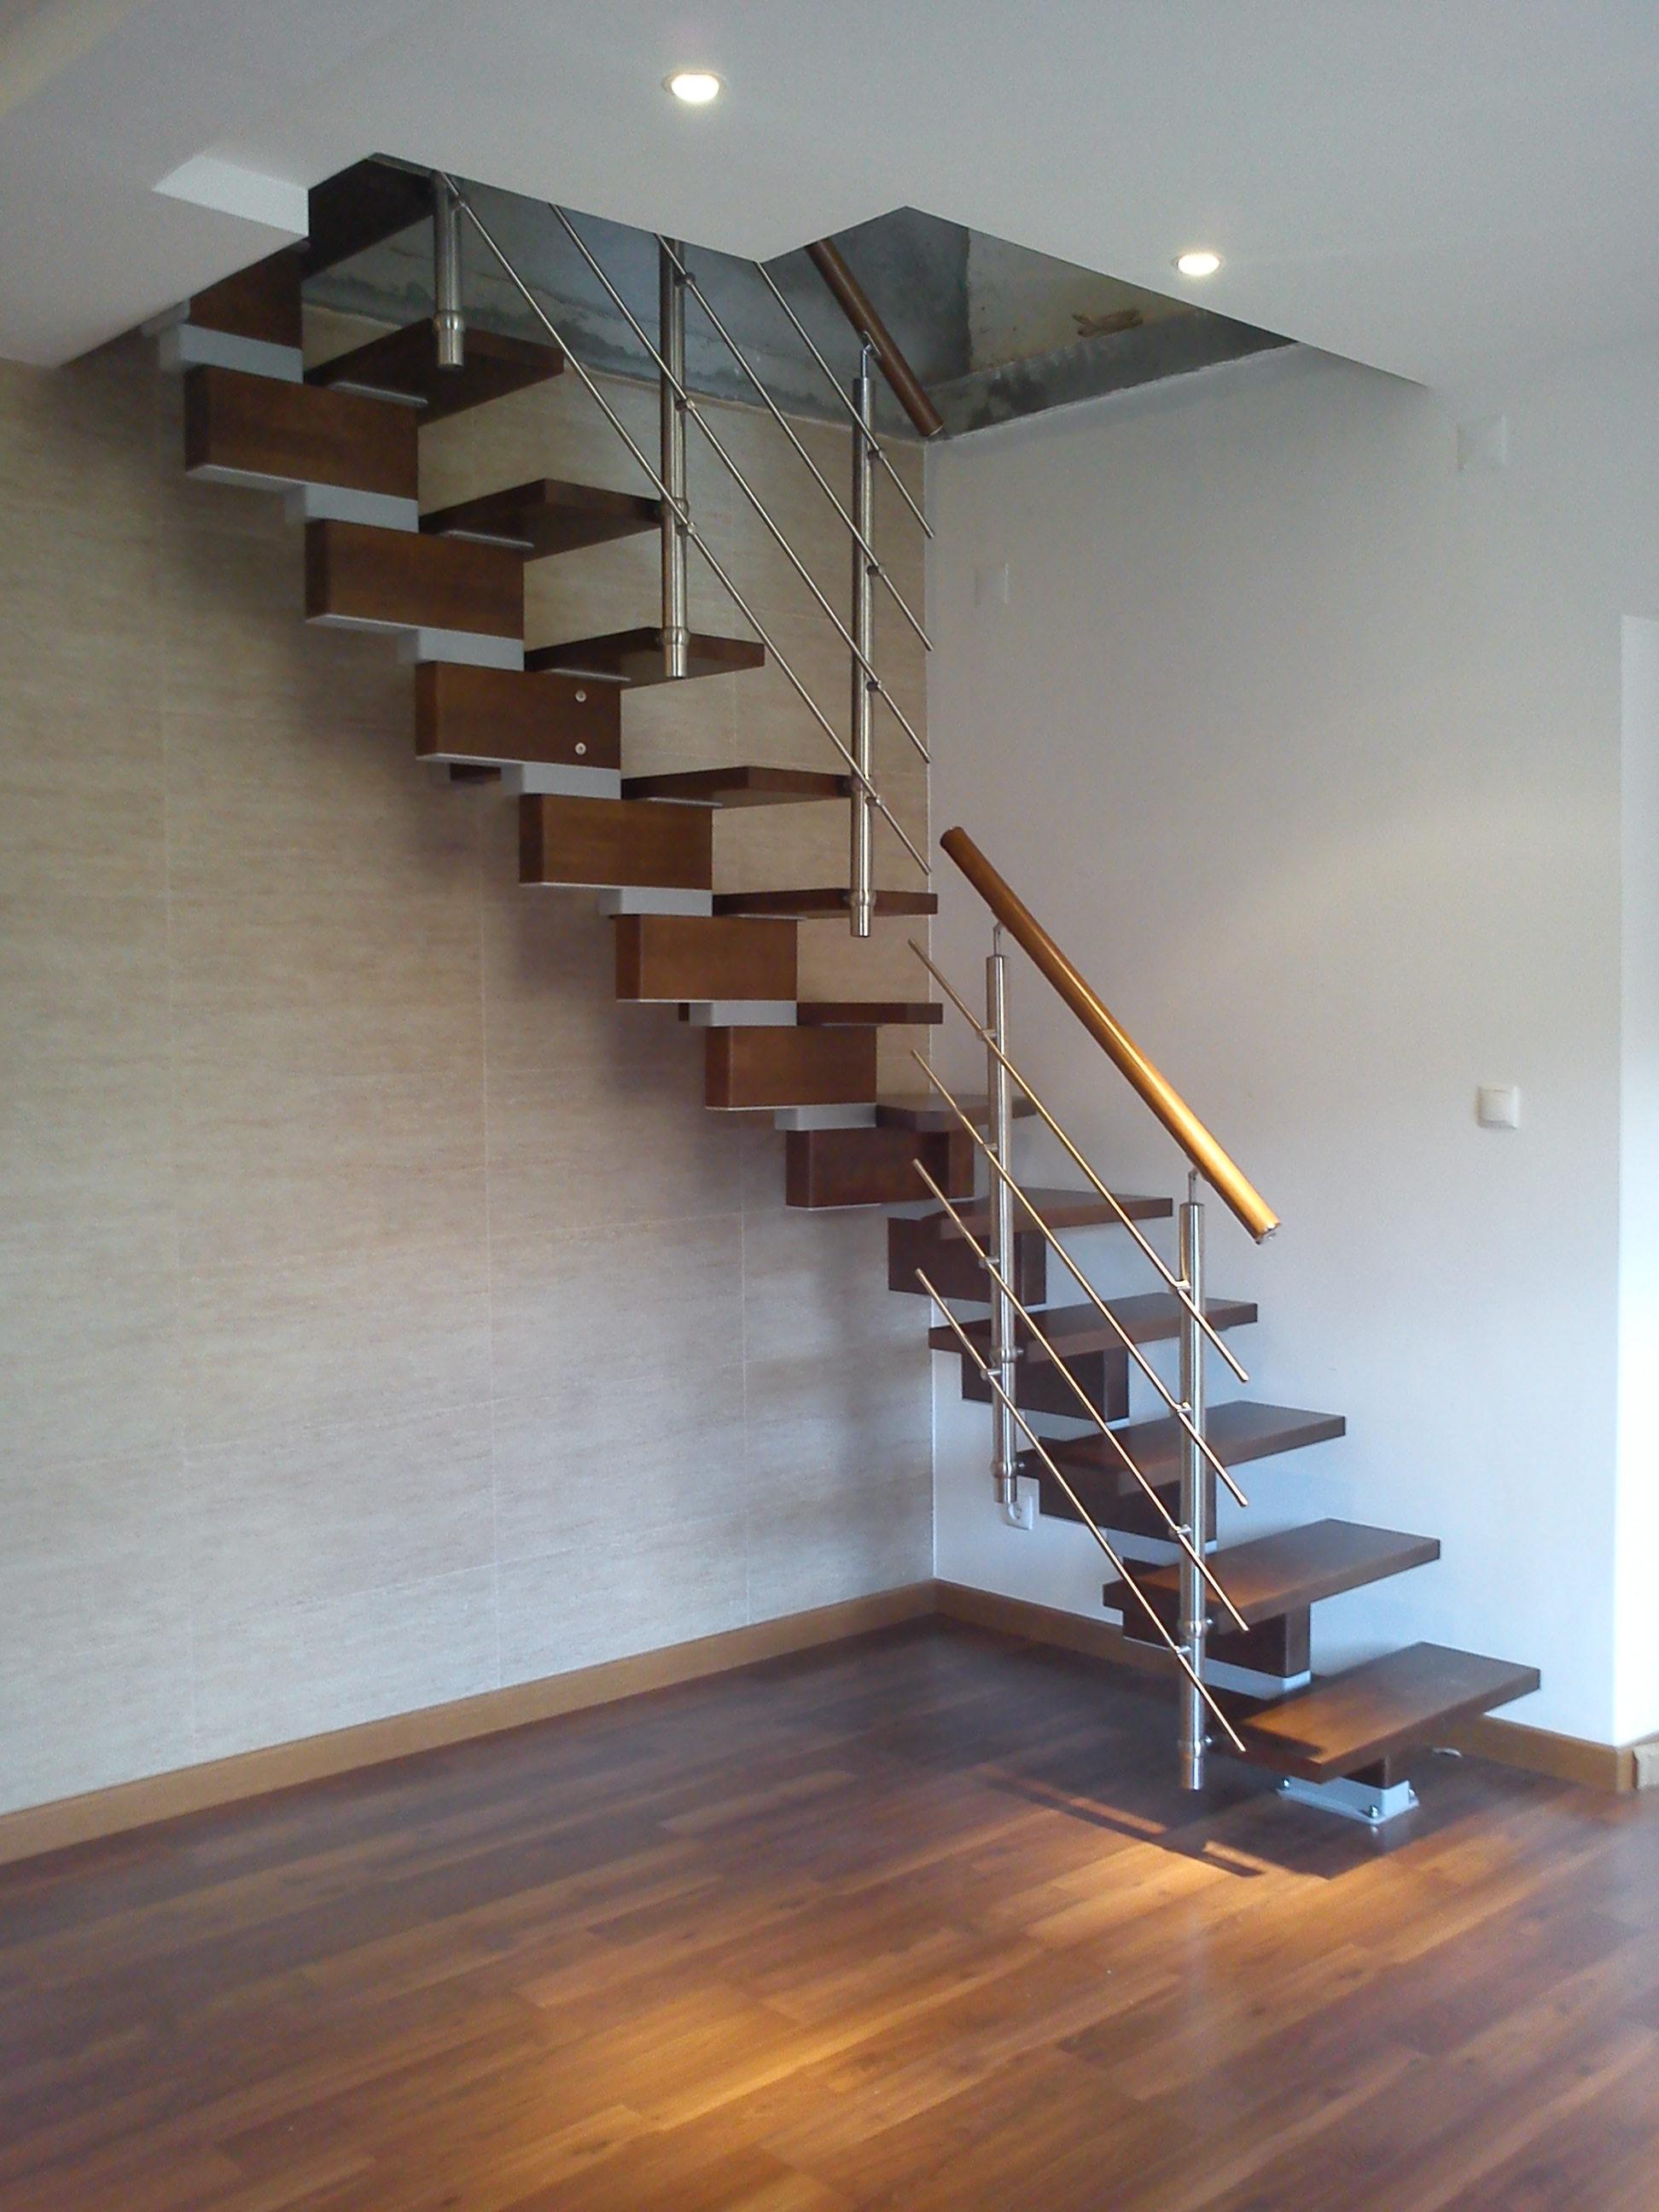 #956236 Krea Nox Sociescadas :: Escadas > Modulares > Linha Moderna 452 Janelas Deslizantes Redes